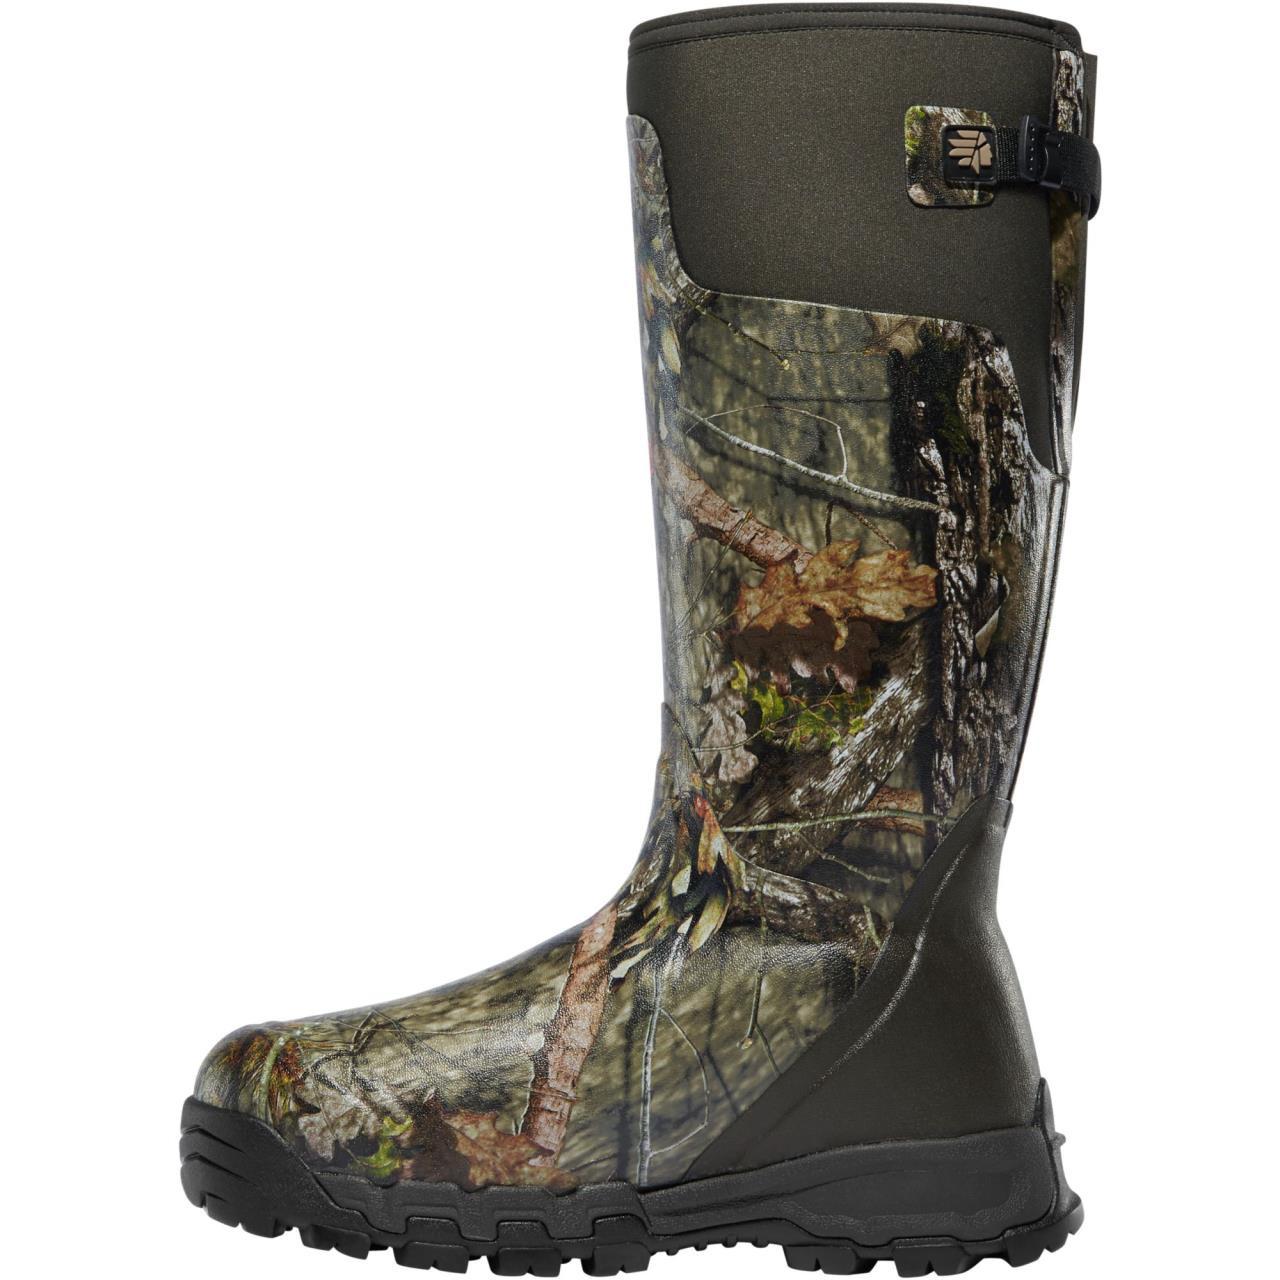 Lacrosse Alphaburly Pro Boot 1000GR - Mossy Oak Break-Up Country - 612632234236